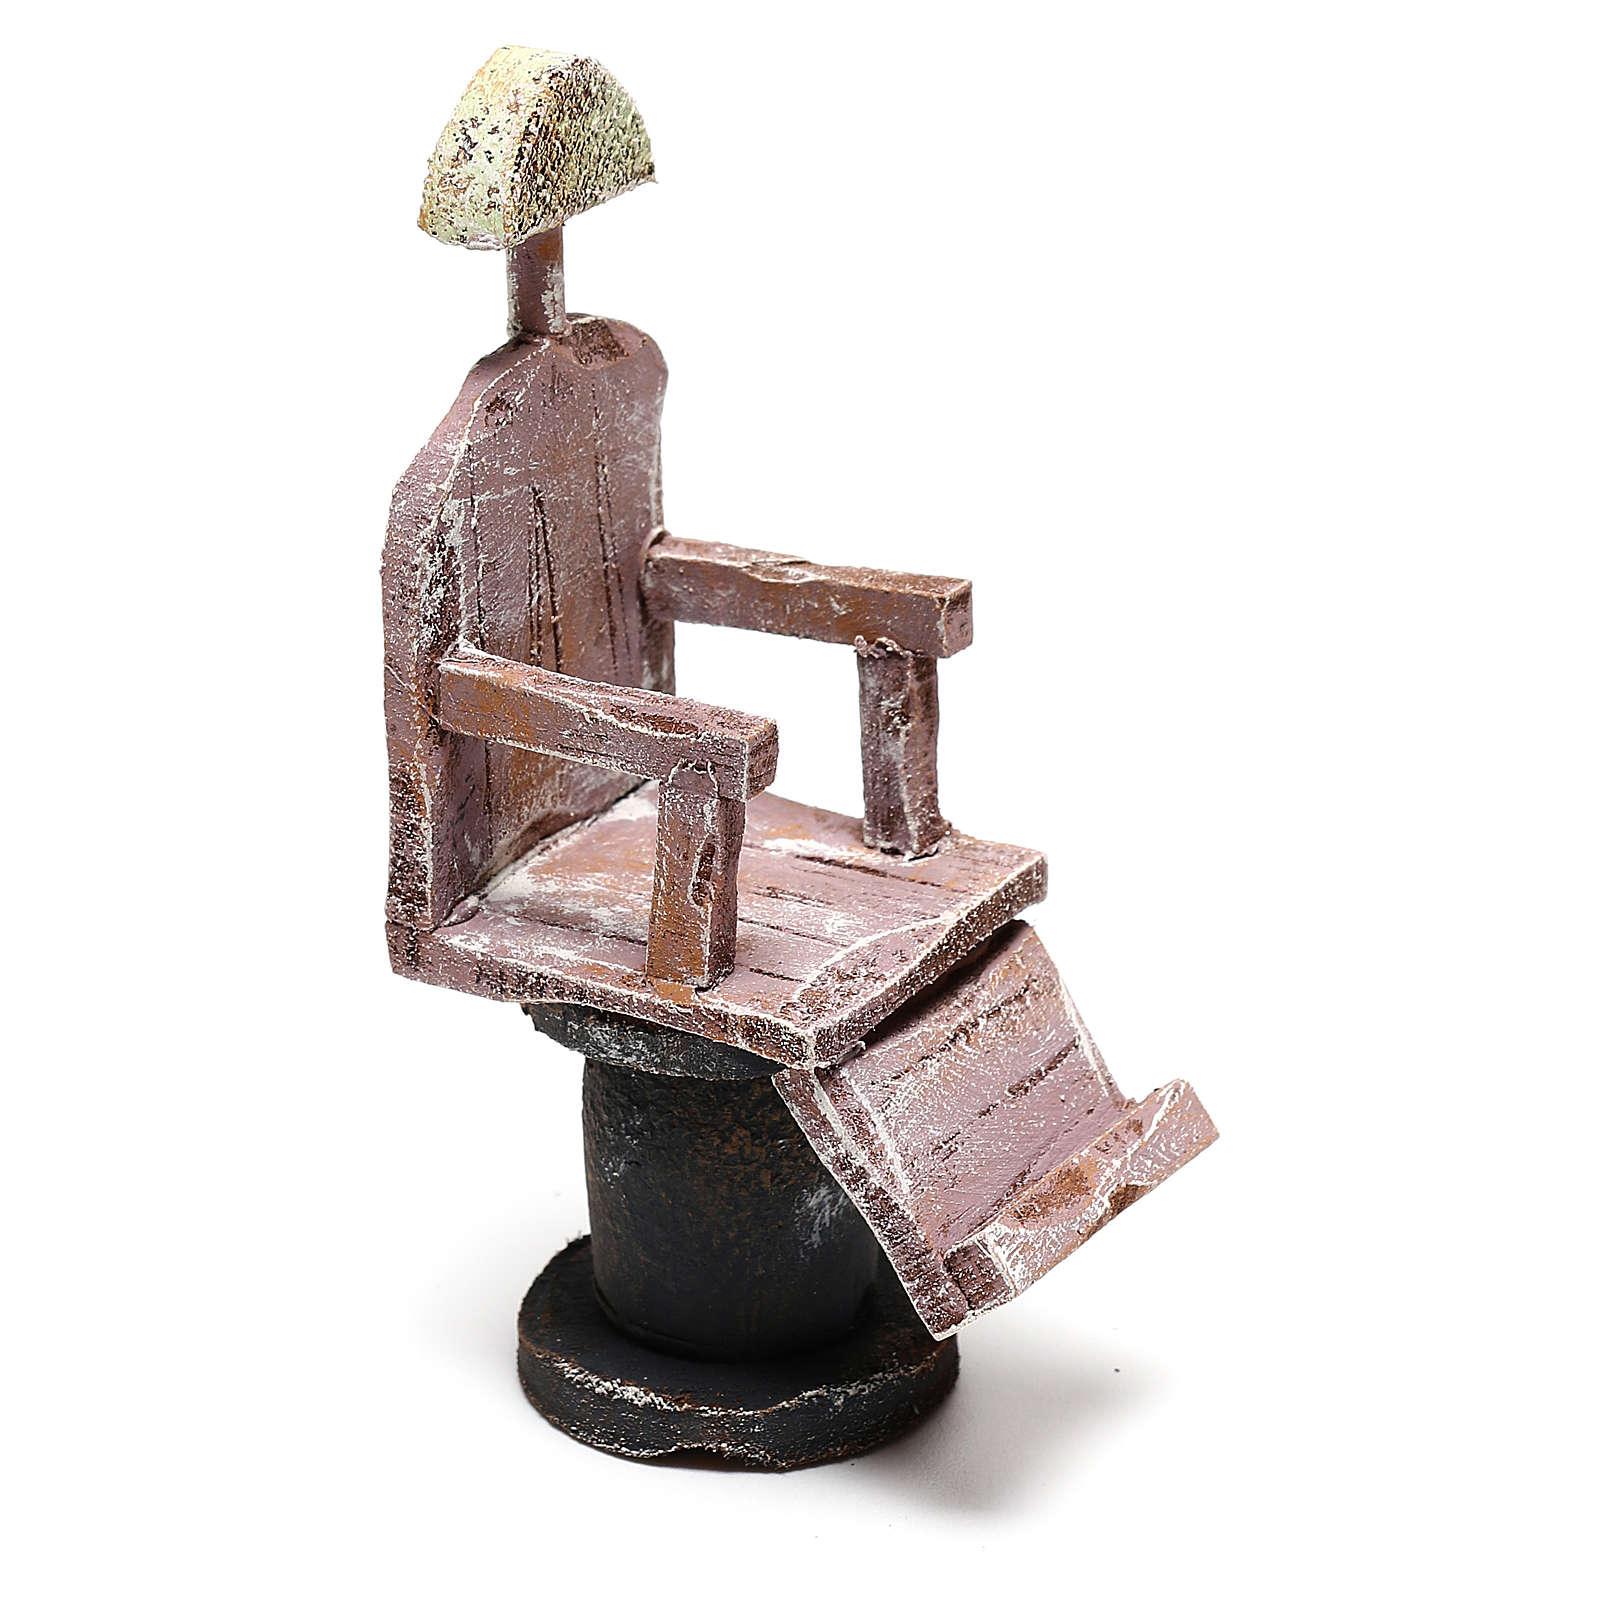 Silla barbero para belén 12 cm hecho con bricolaje 4